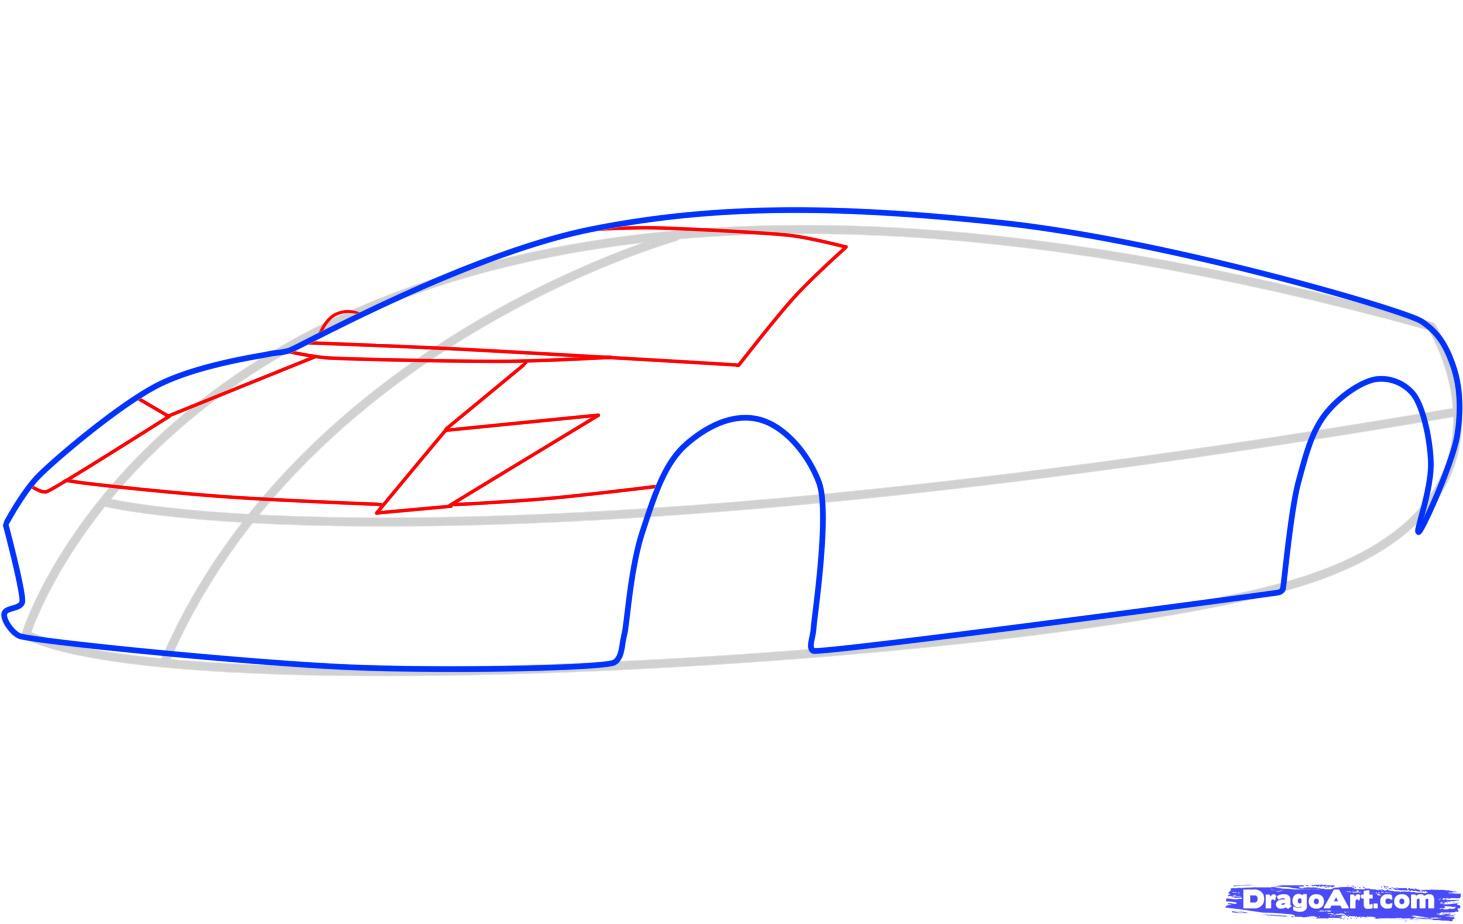 как нарисовать перед ламборджини мурсилаго